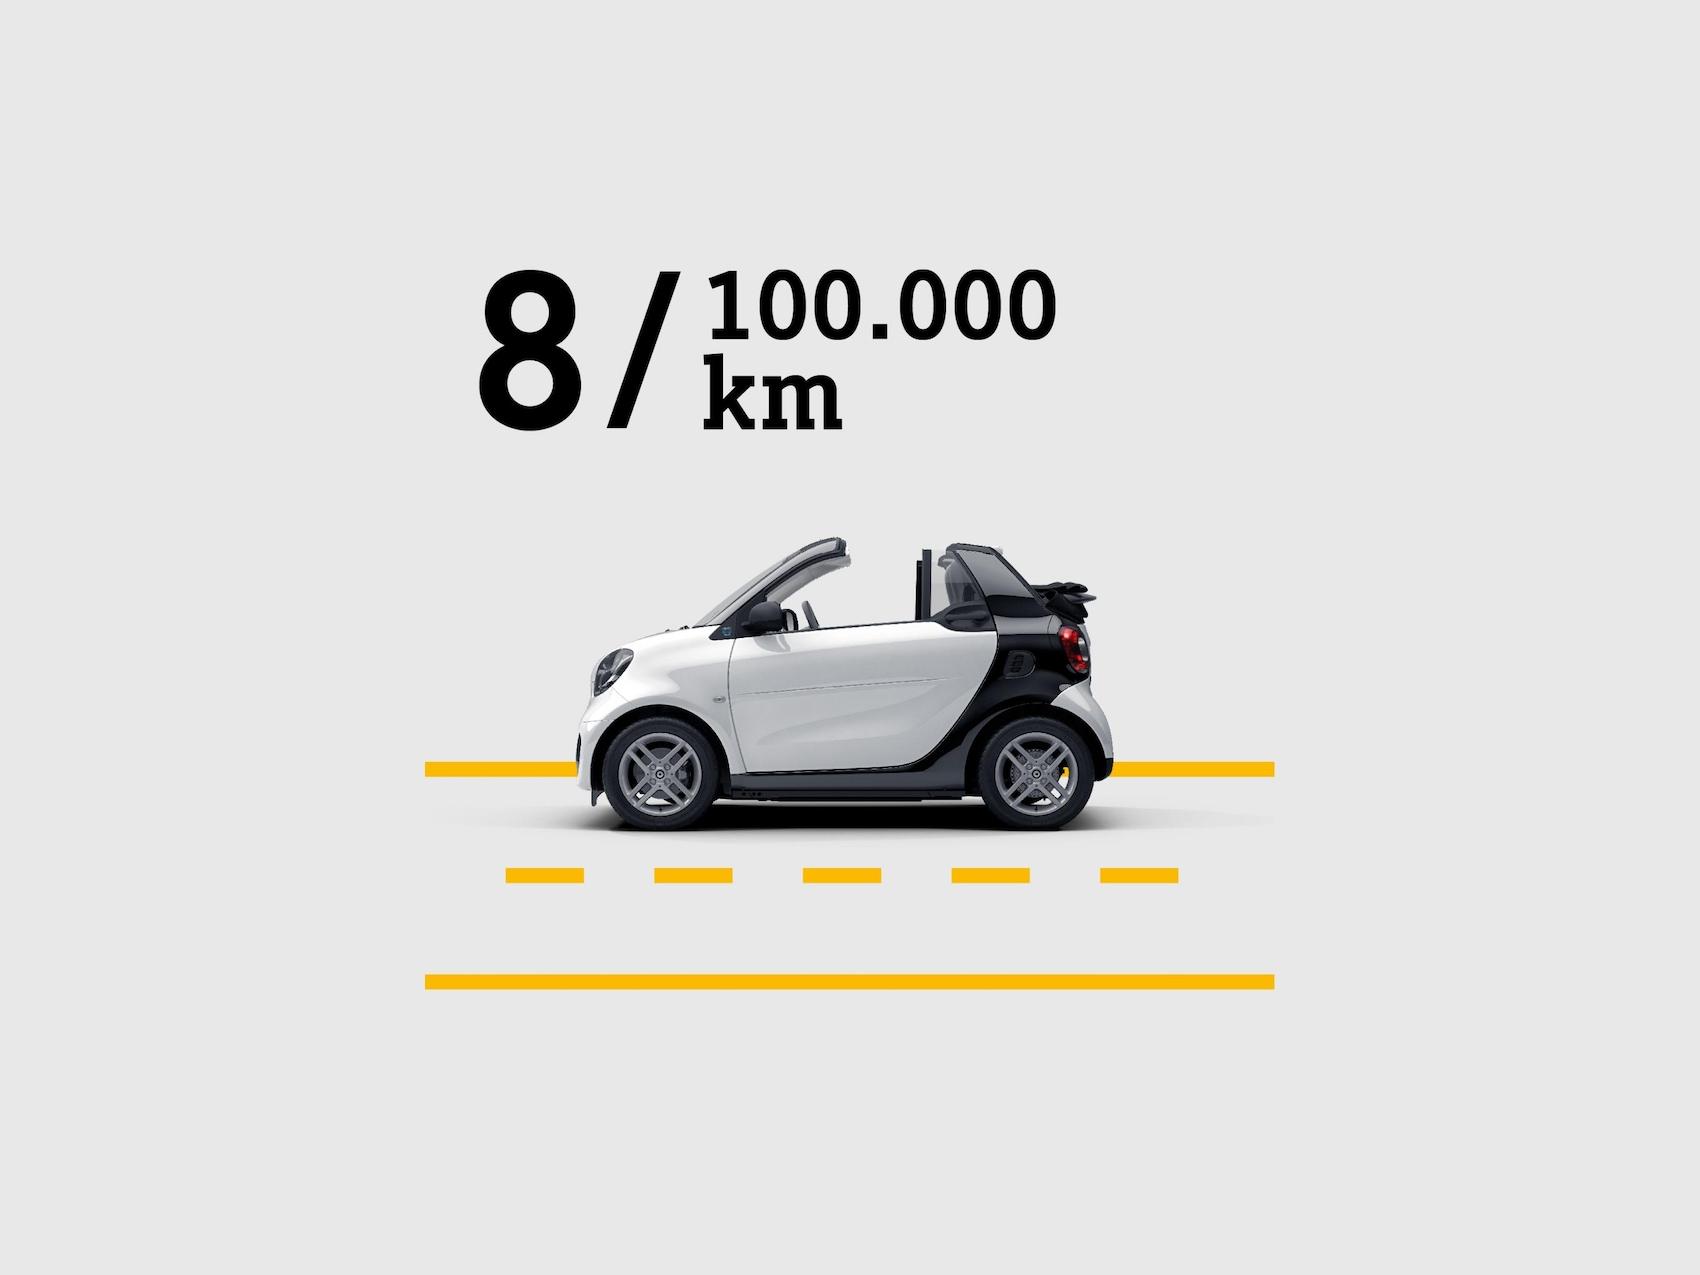 """Το smart EQ fortwo cabrio σε σκιτσαρισμένο δρόμο δείχνει την υπόσχεση """"8 years or 100km""""."""